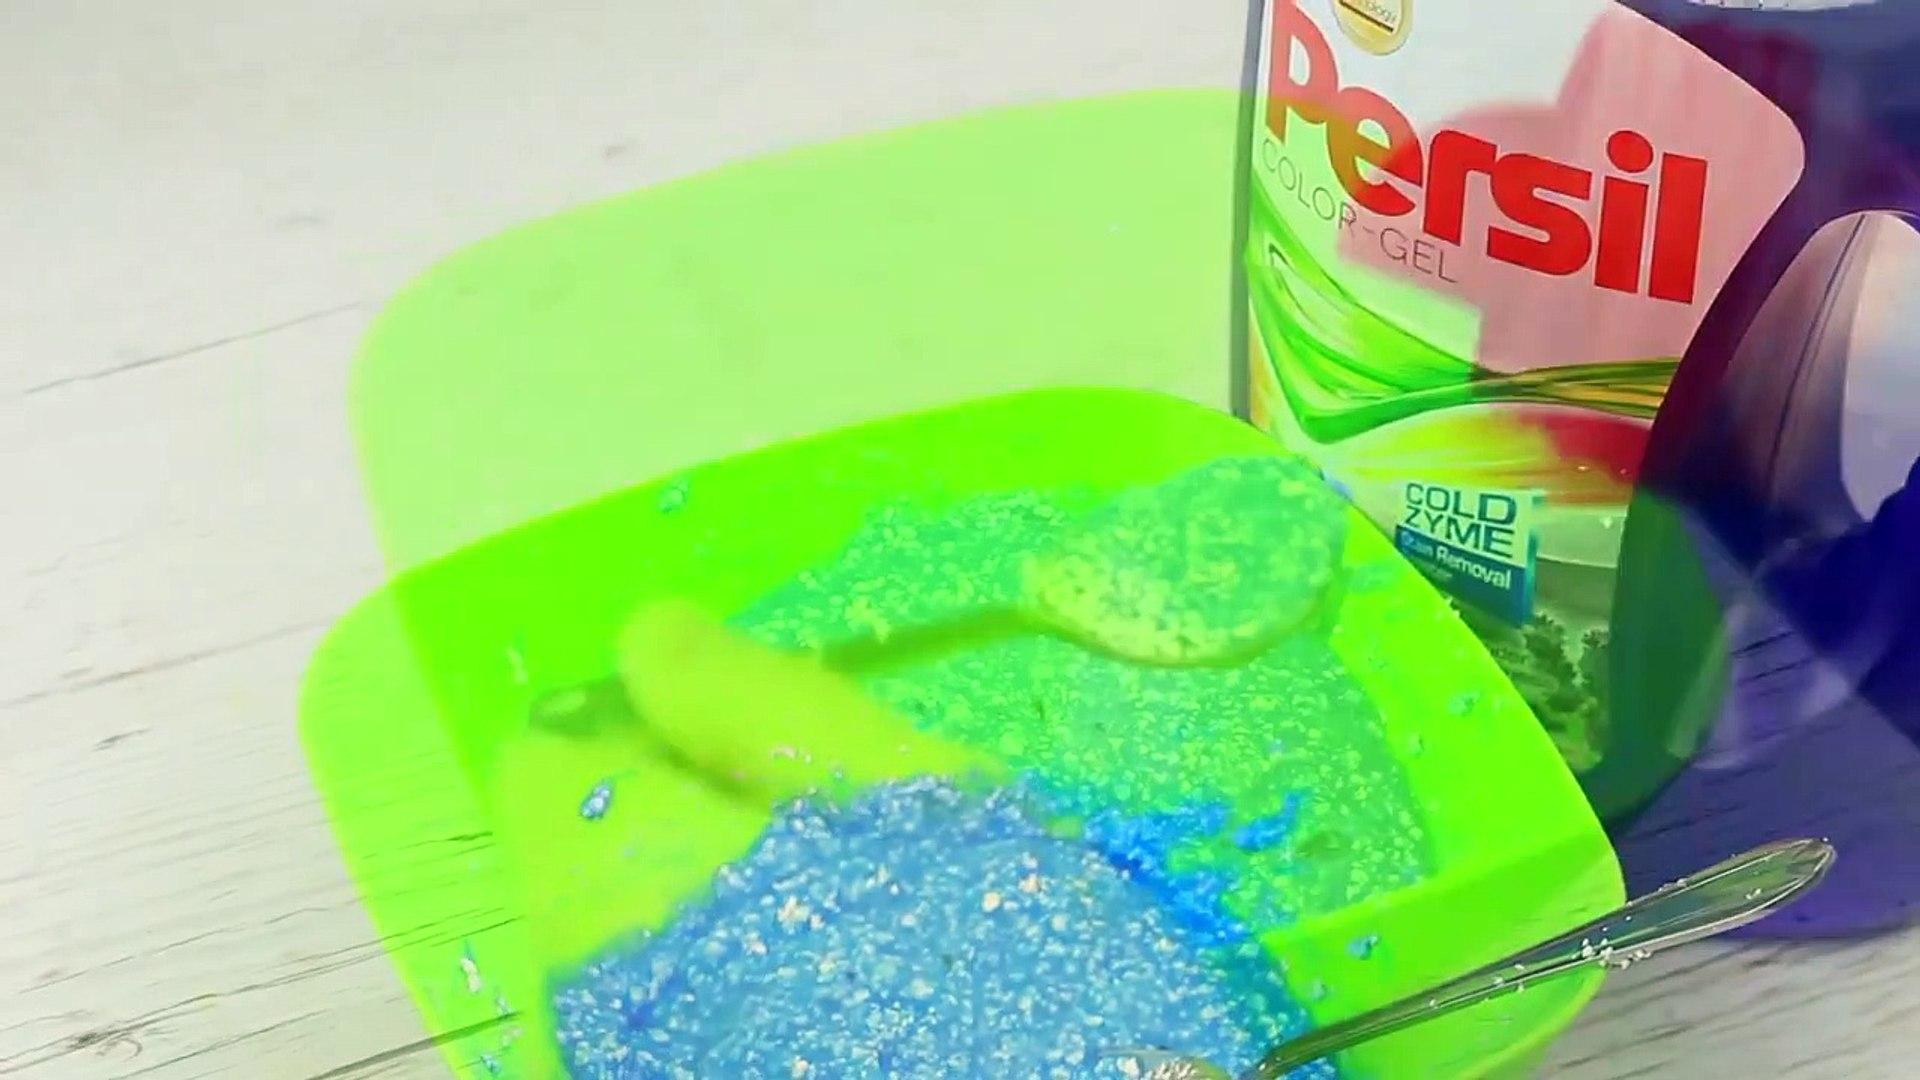 Mejores Recetas De Slime Probando 5 Recetas De Slime Vídeo Dailymotion